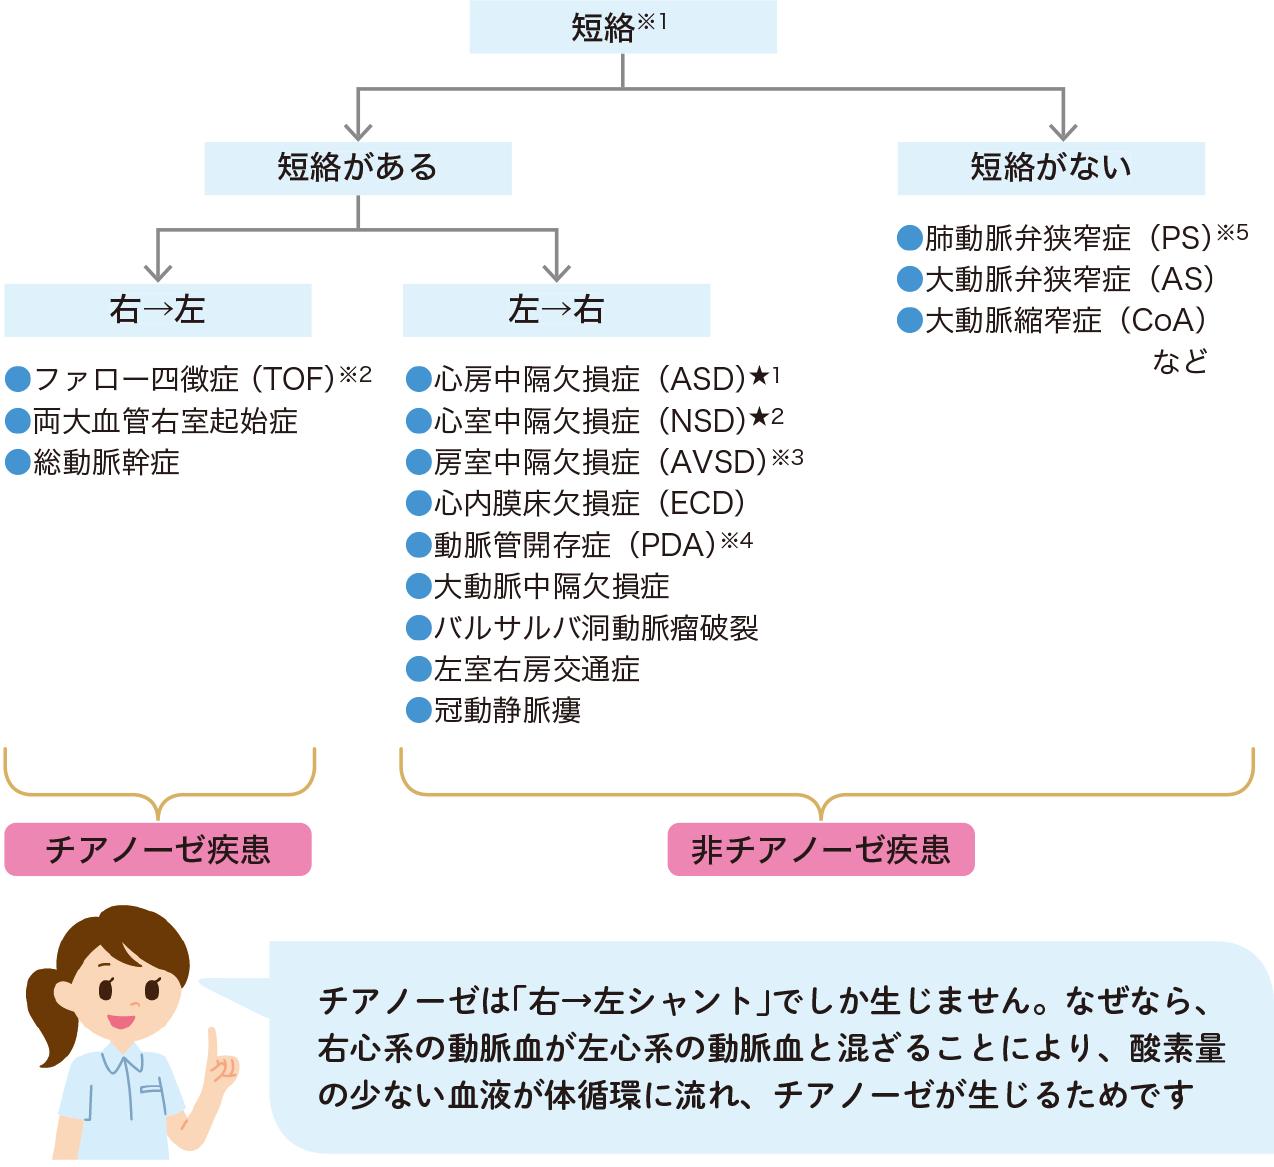 先天性心疾患の短絡の有無での分類方法